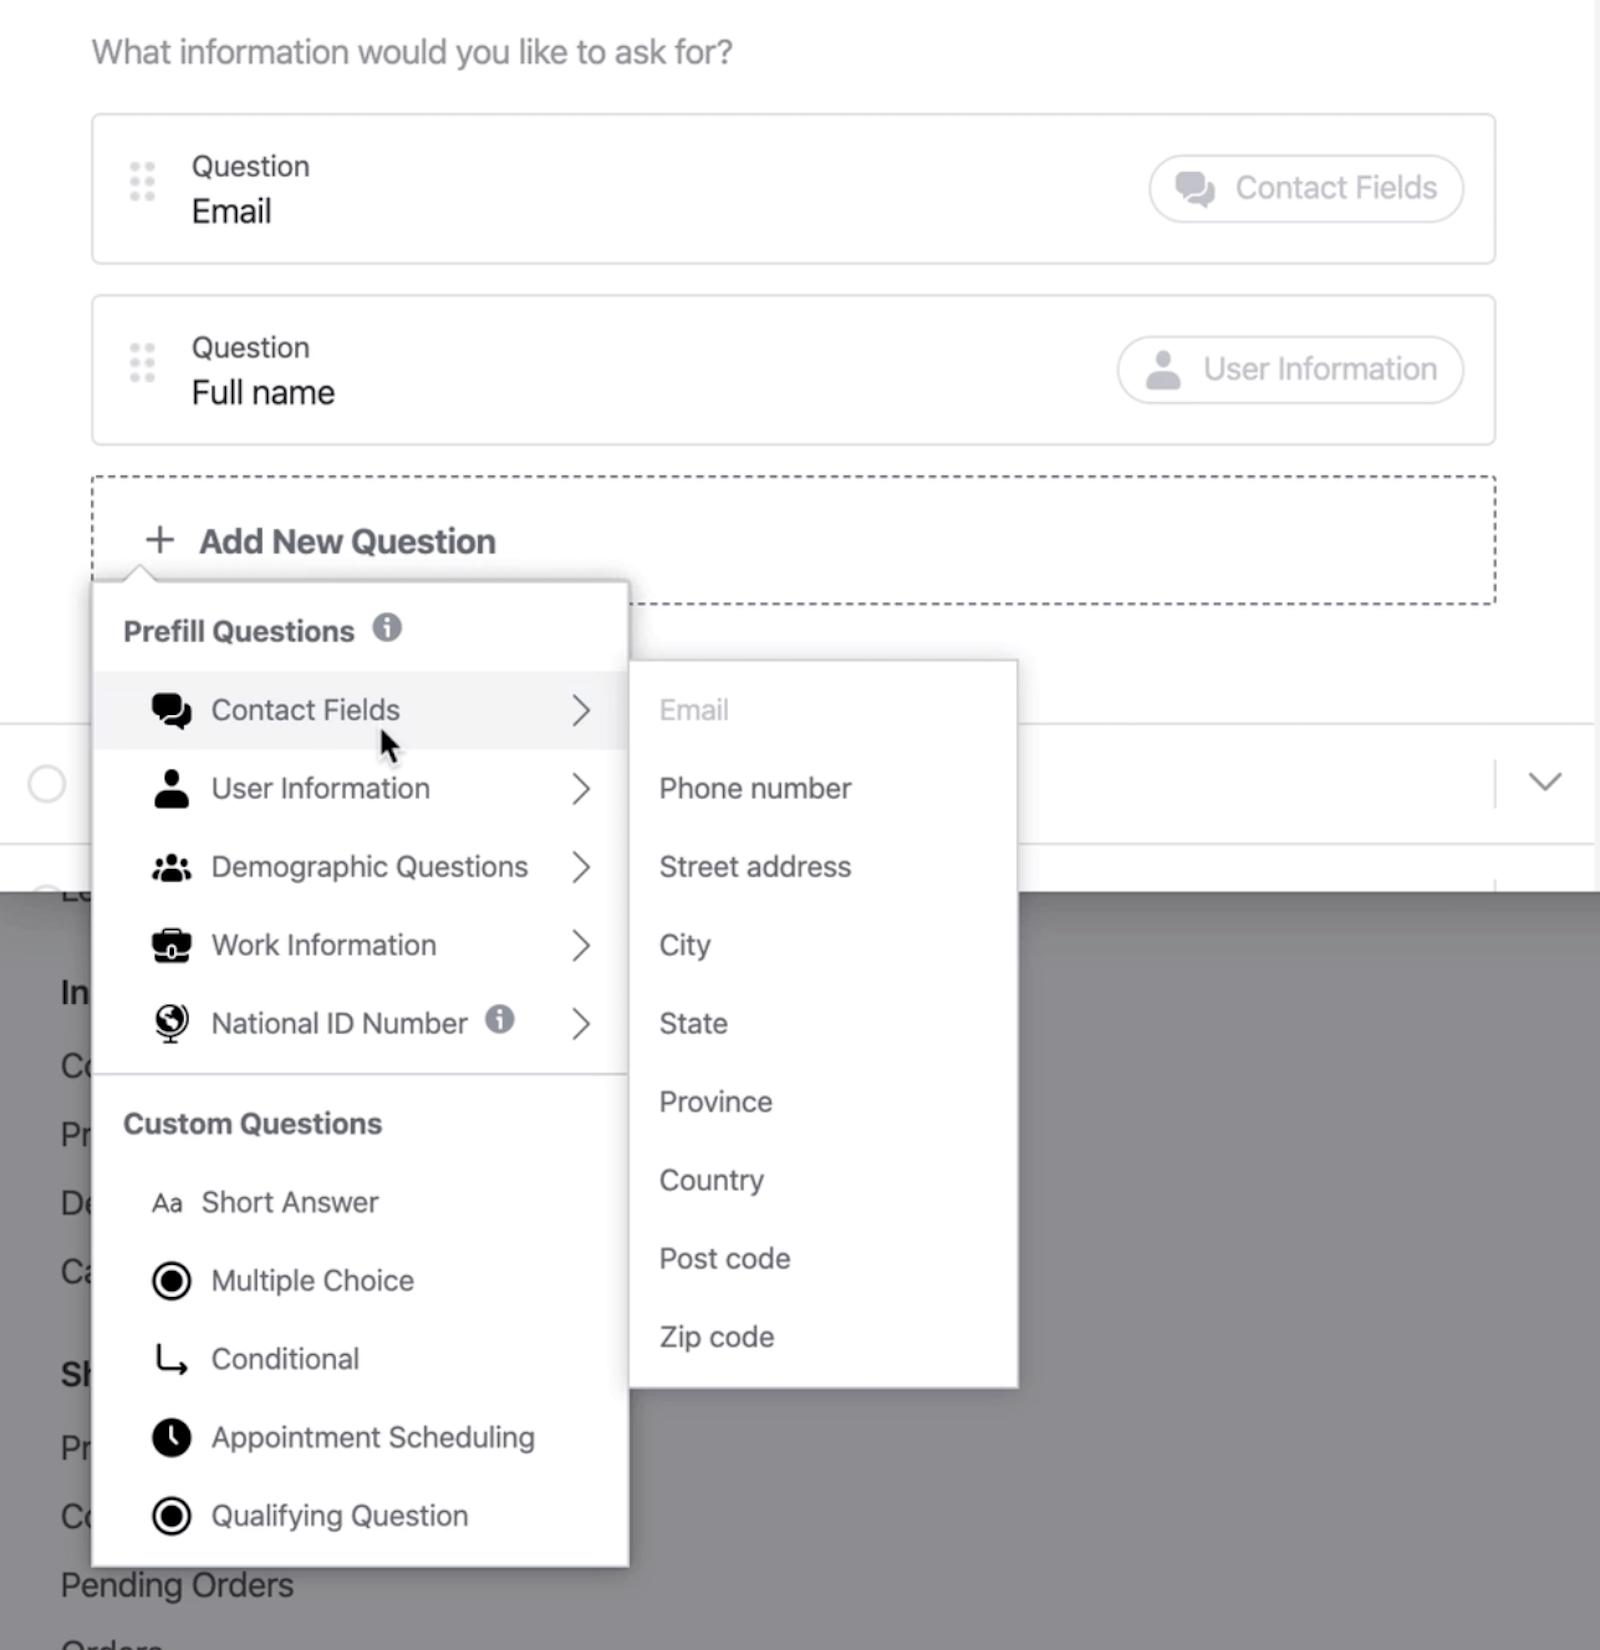 Facebook潜在客户表单设置的预填问题和自定义问题选项